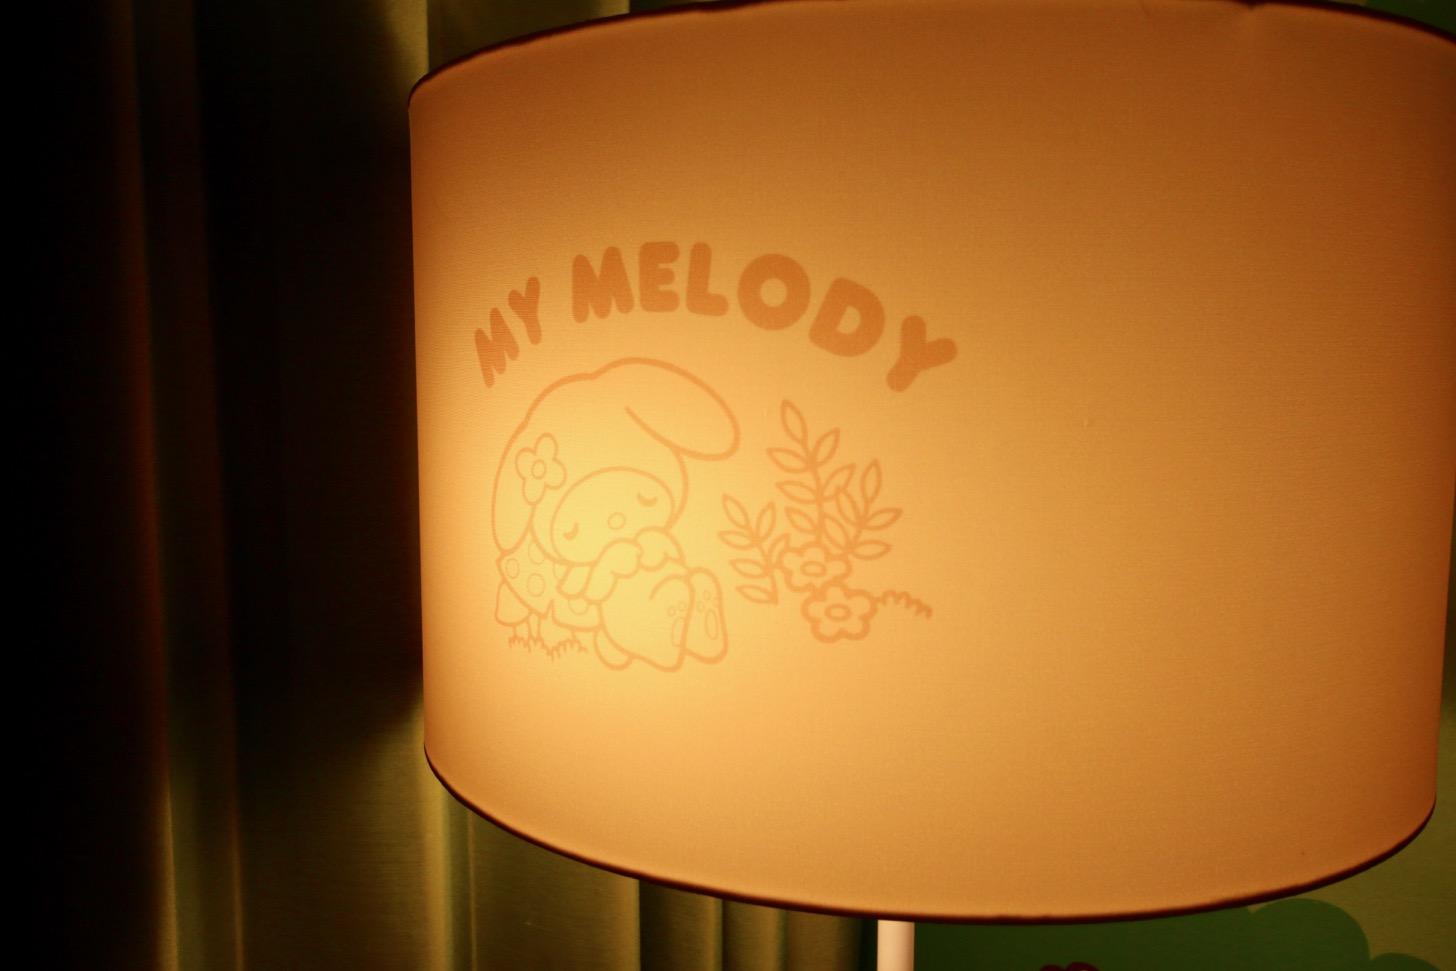 京王プラザホテル多摩 マイメロディ ルーム フロアランプを点灯すると「隠れマイメロディ」